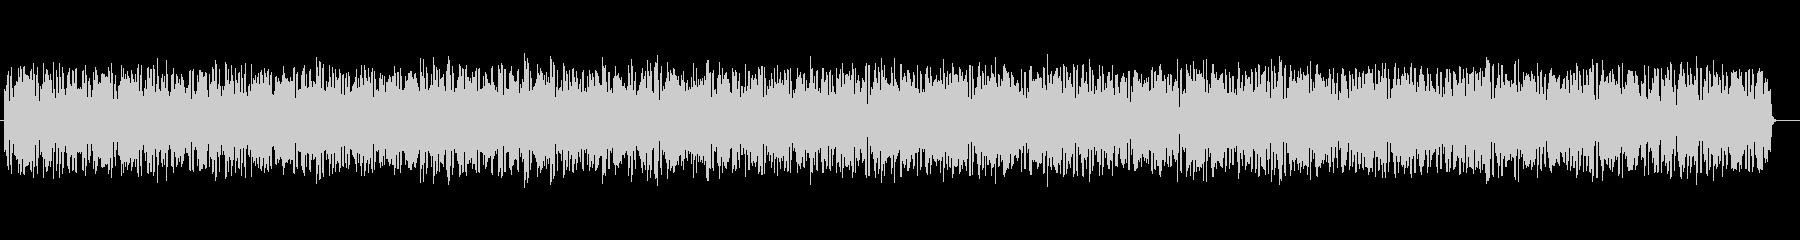 近未来的なシンセサイザーサウンドの未再生の波形